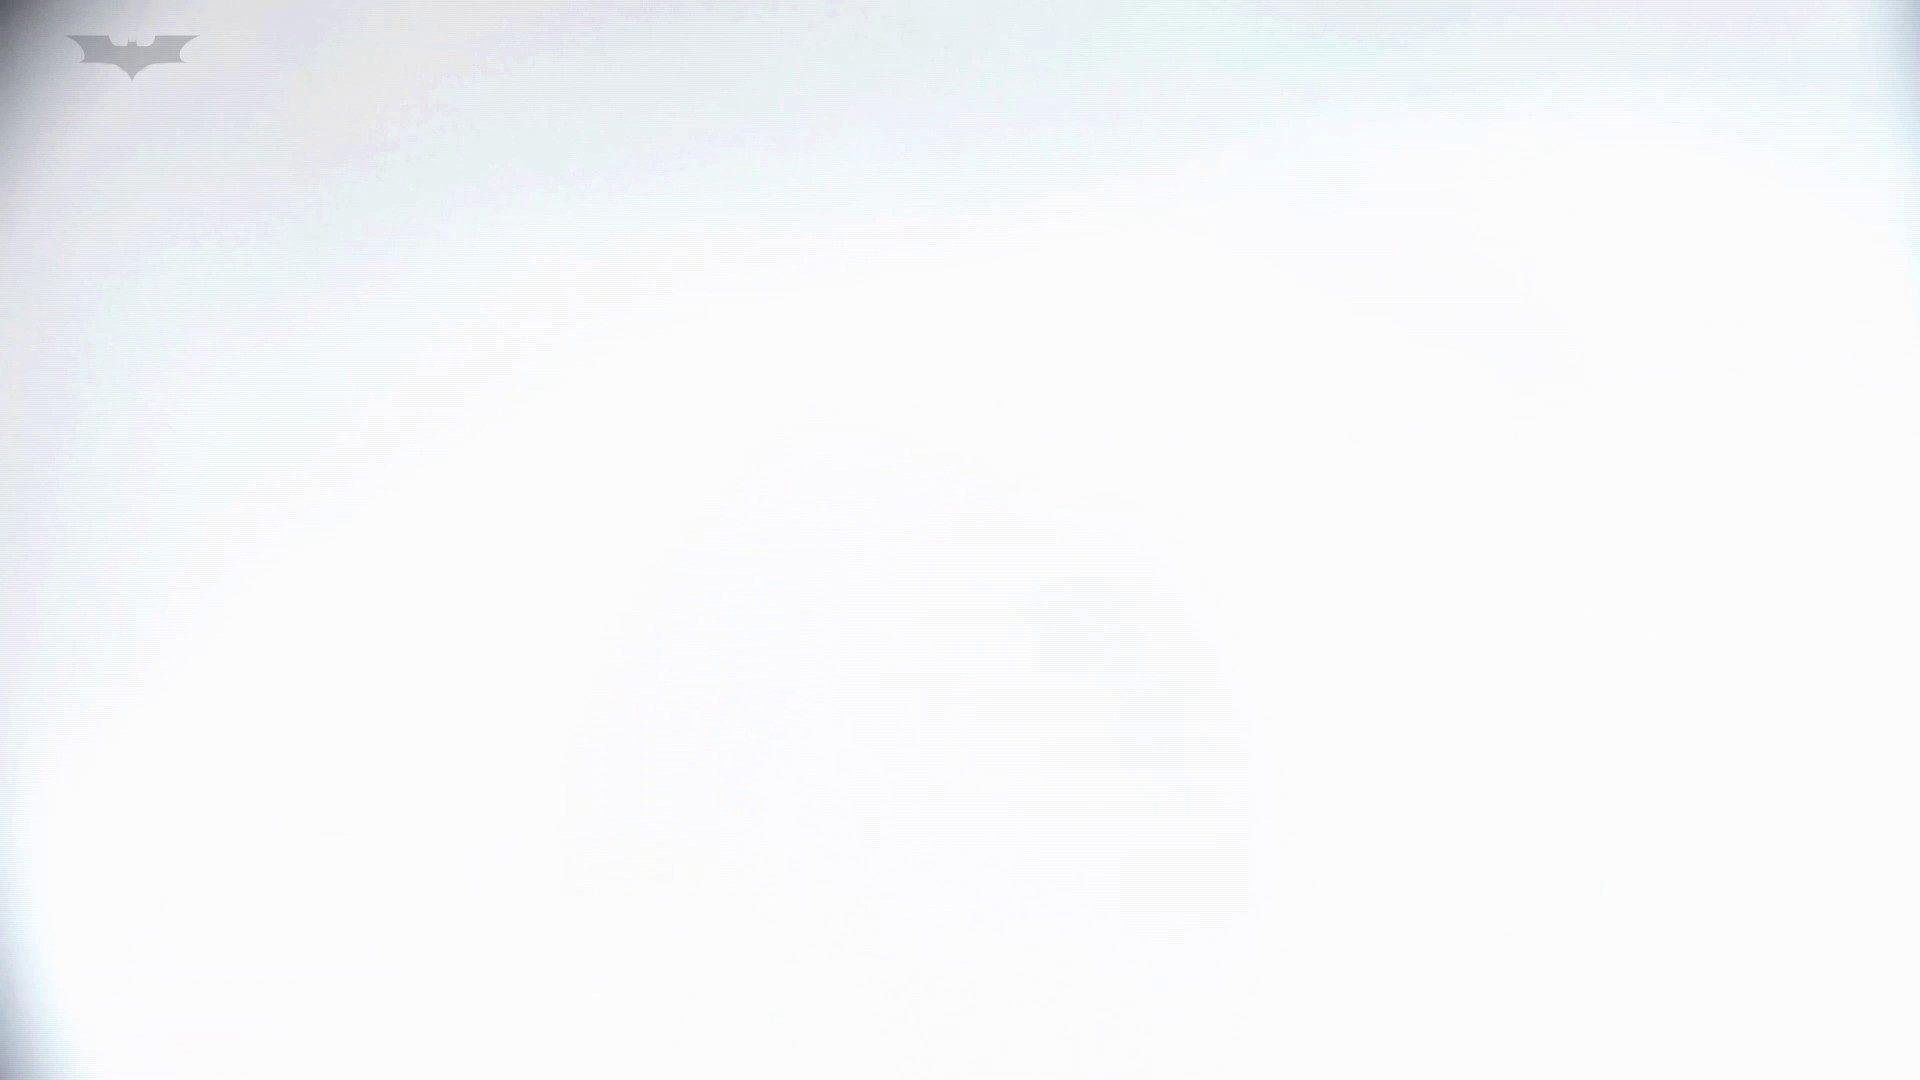 お銀 vol.78 美しすぎる妖精 美人なお姉さん エロ画像 88画像 48